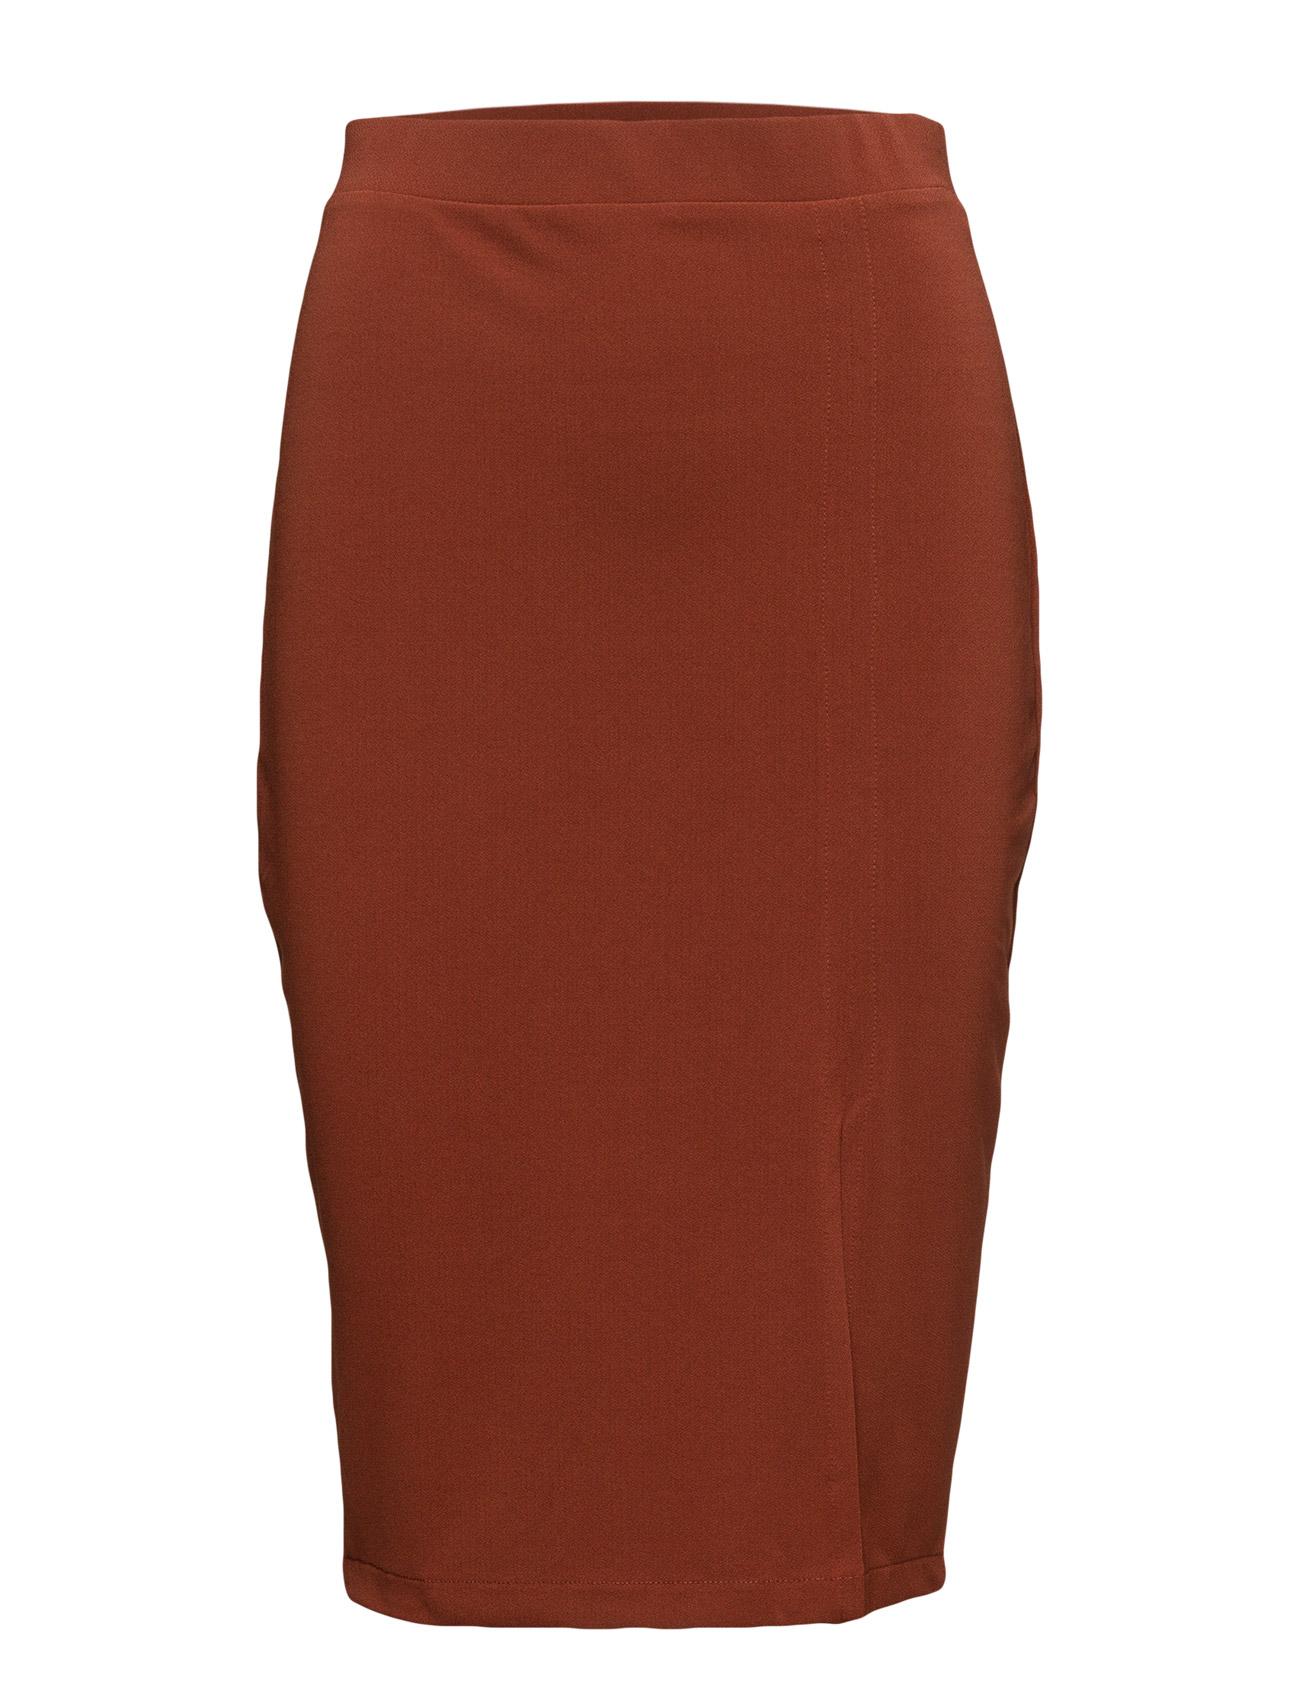 Stretch Pencil Skirt Mango Blyantsnederdele til Kvinder i Medium Orange